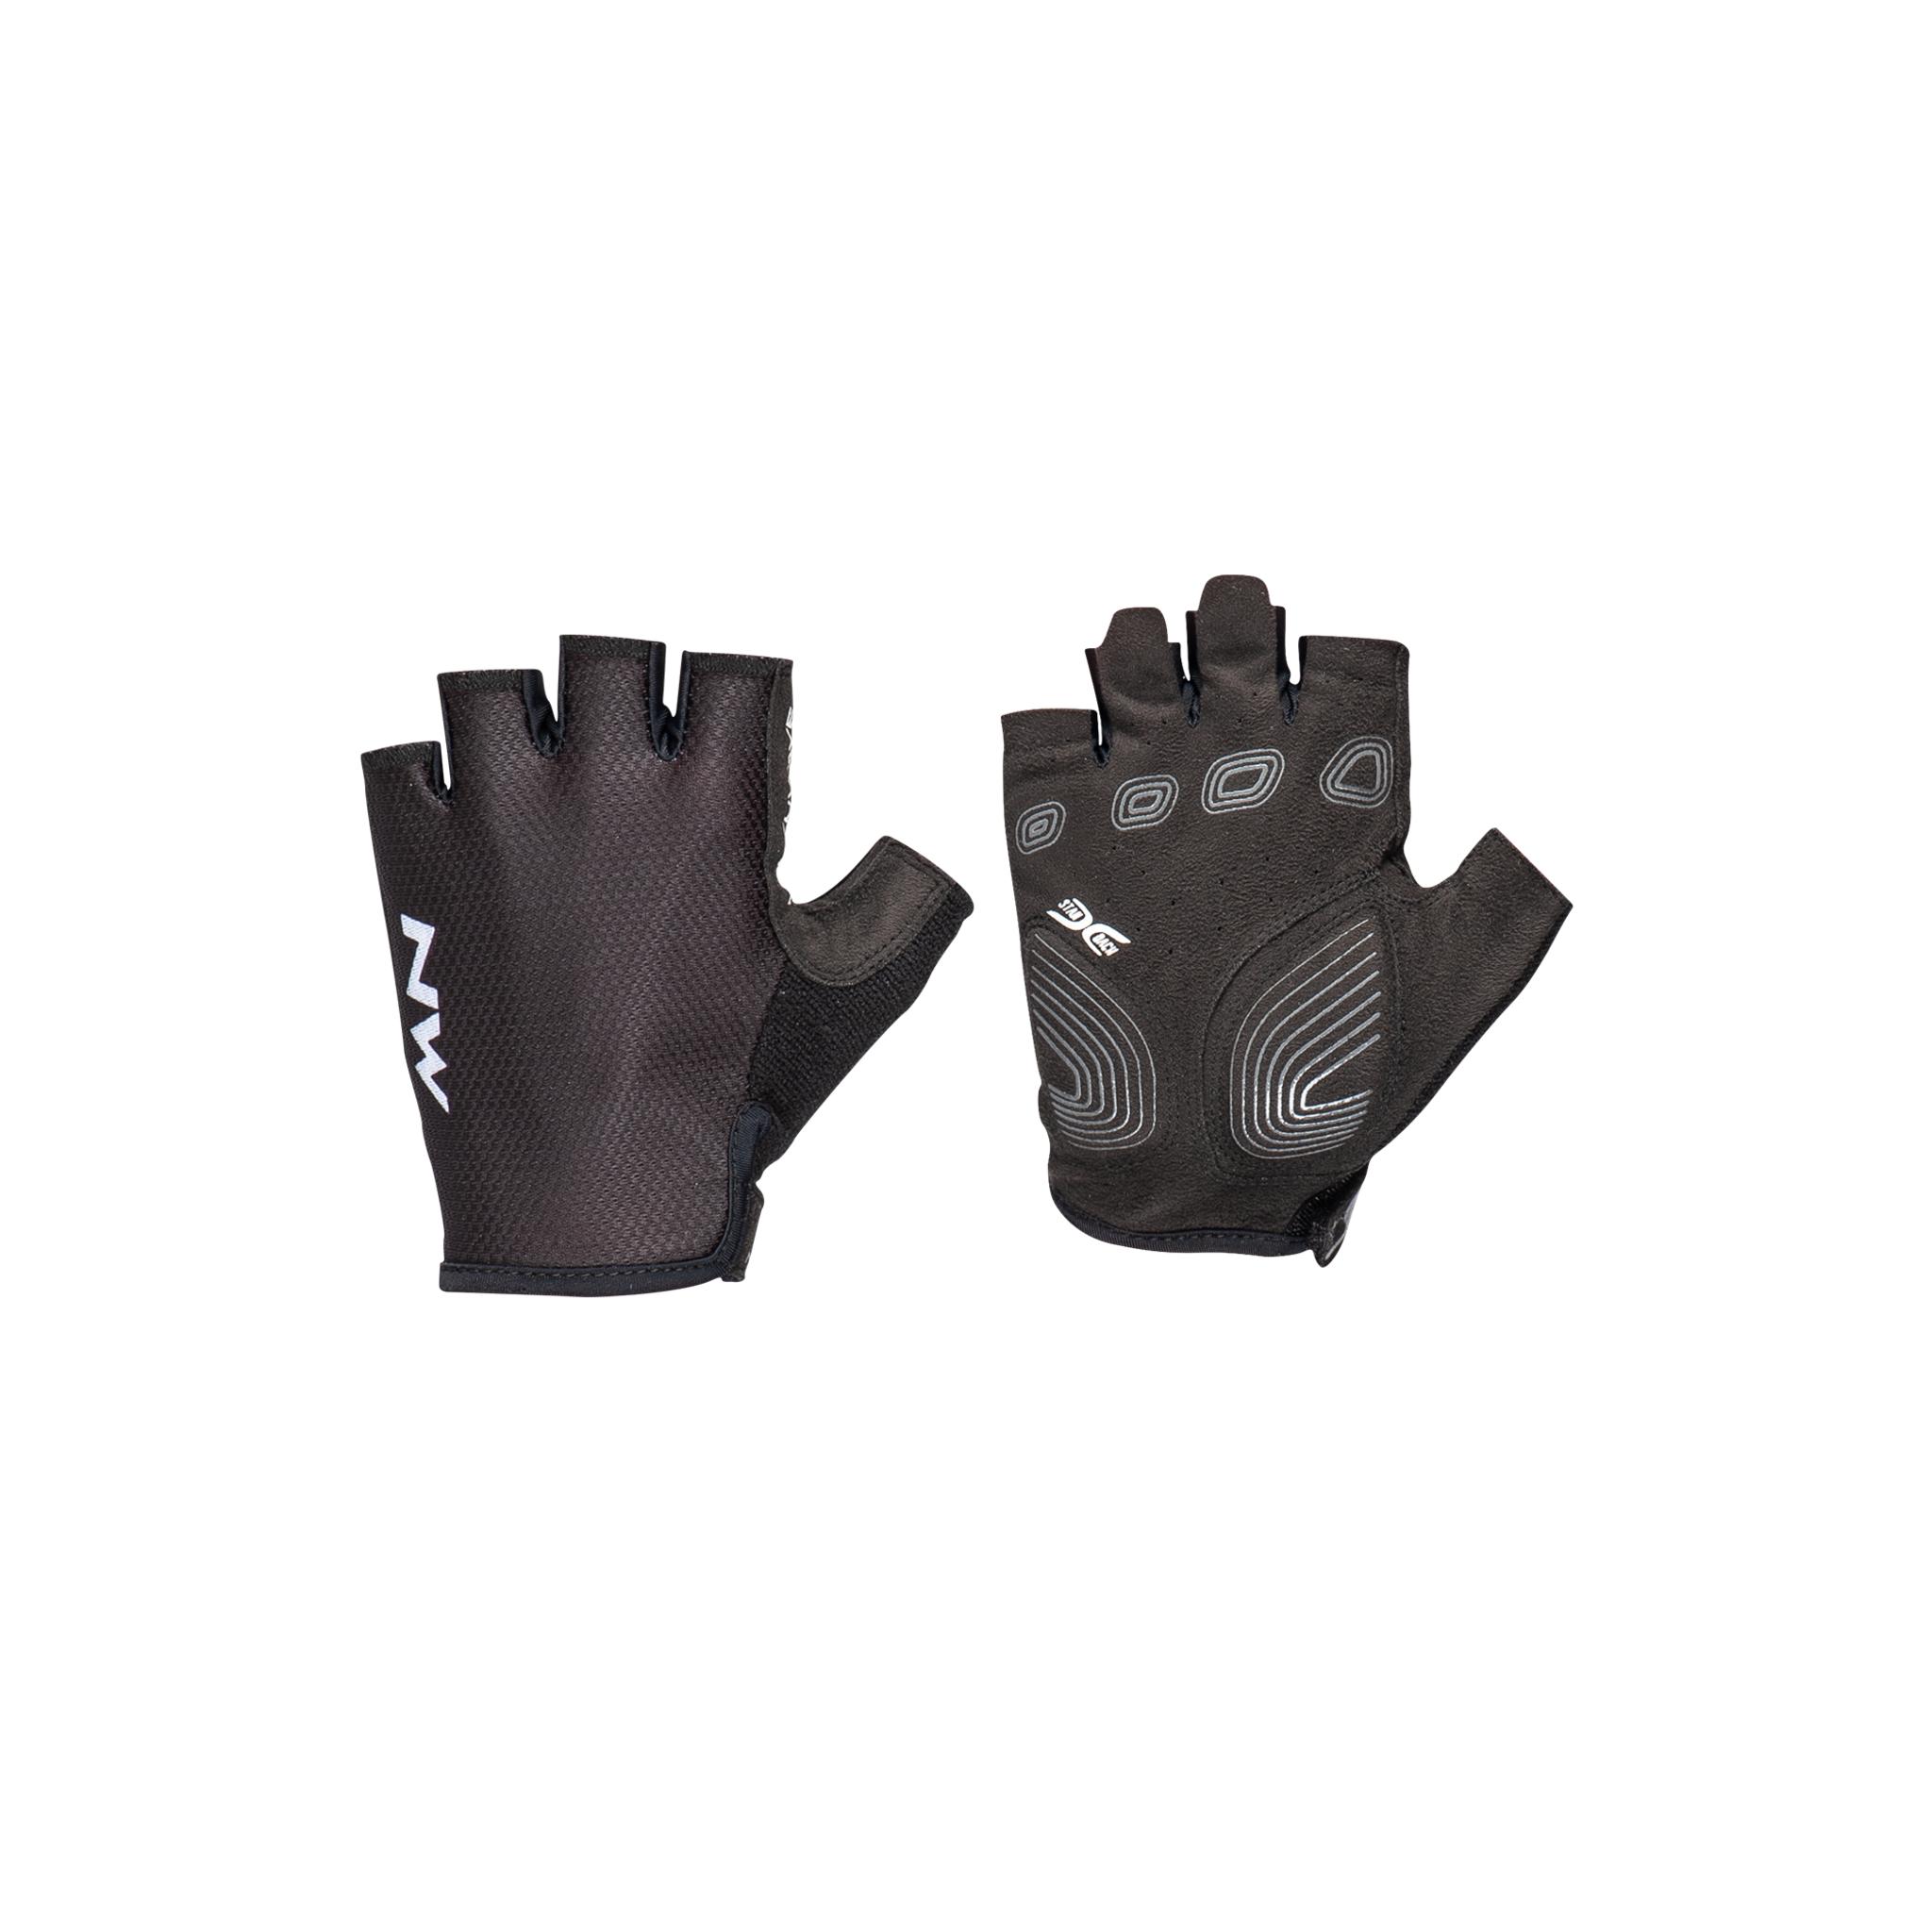 Northwave Active Short Finger 21, sykkelhanske, dame L BLACK